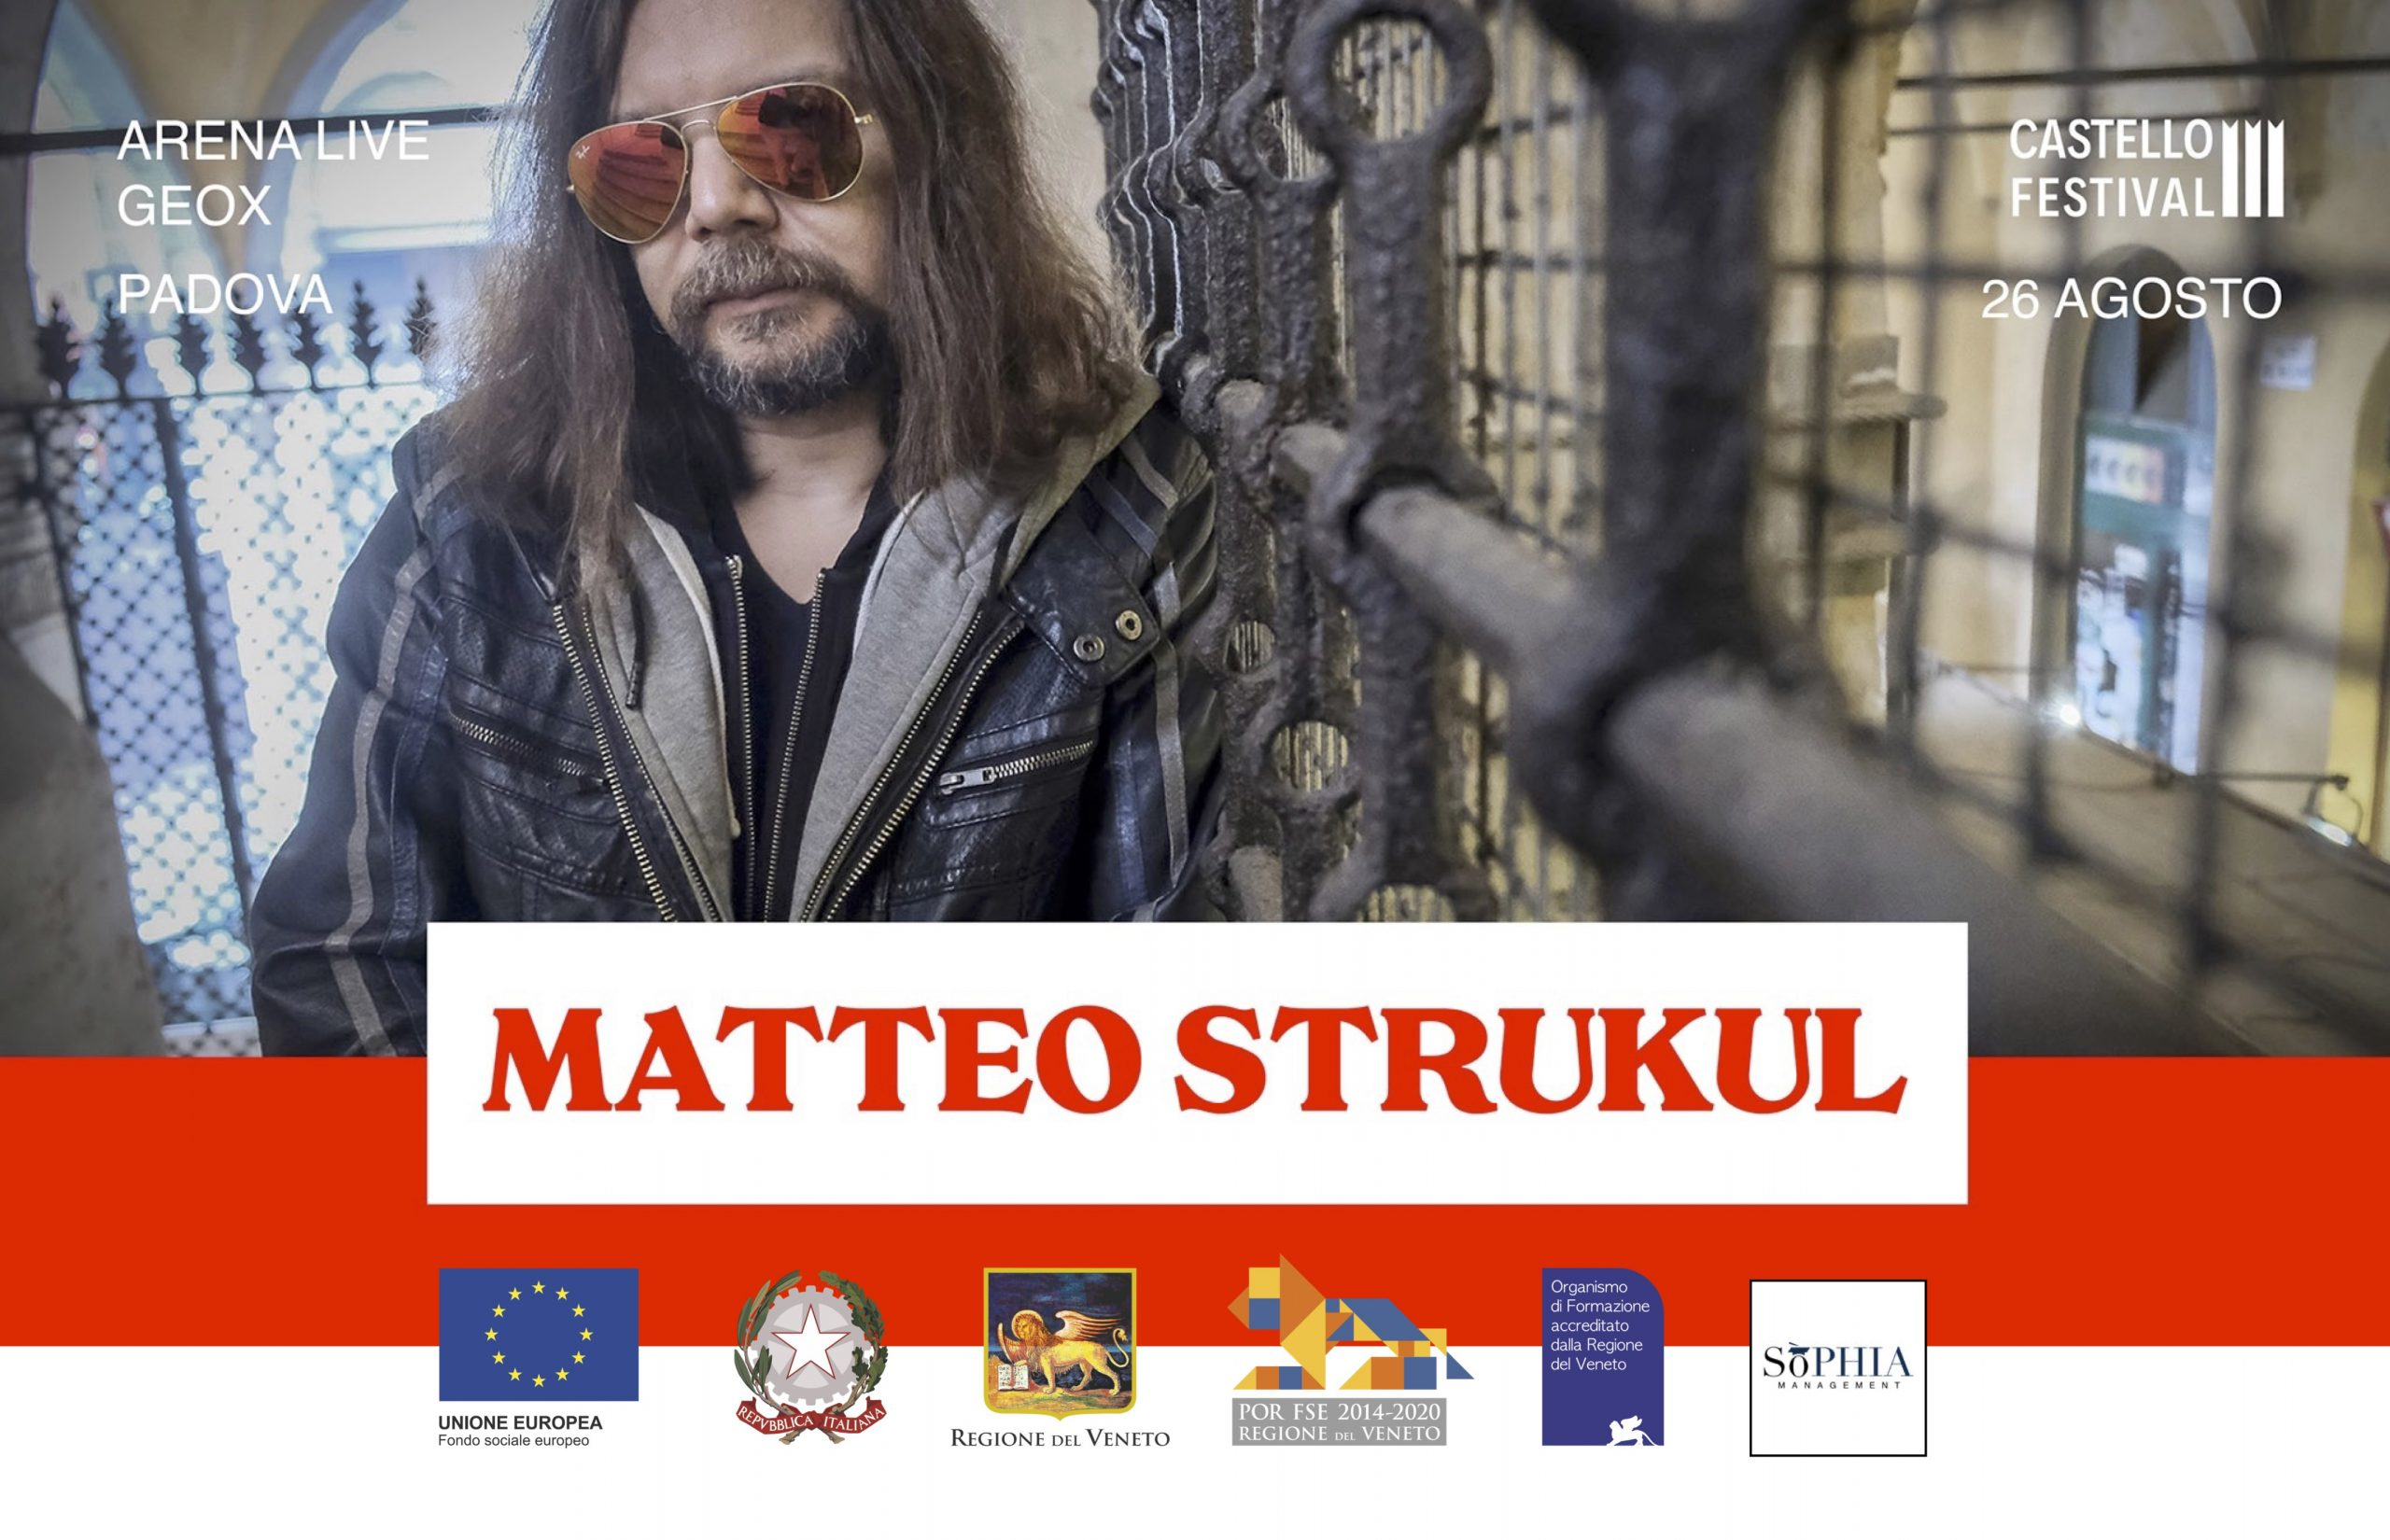 Dante Enigma, prima assoluto per il reading di Matteo Strukul con musiche di Maurizio Camardi e Ilaria Fantin giovedì 26 agosto al Castello Festival di Padova.